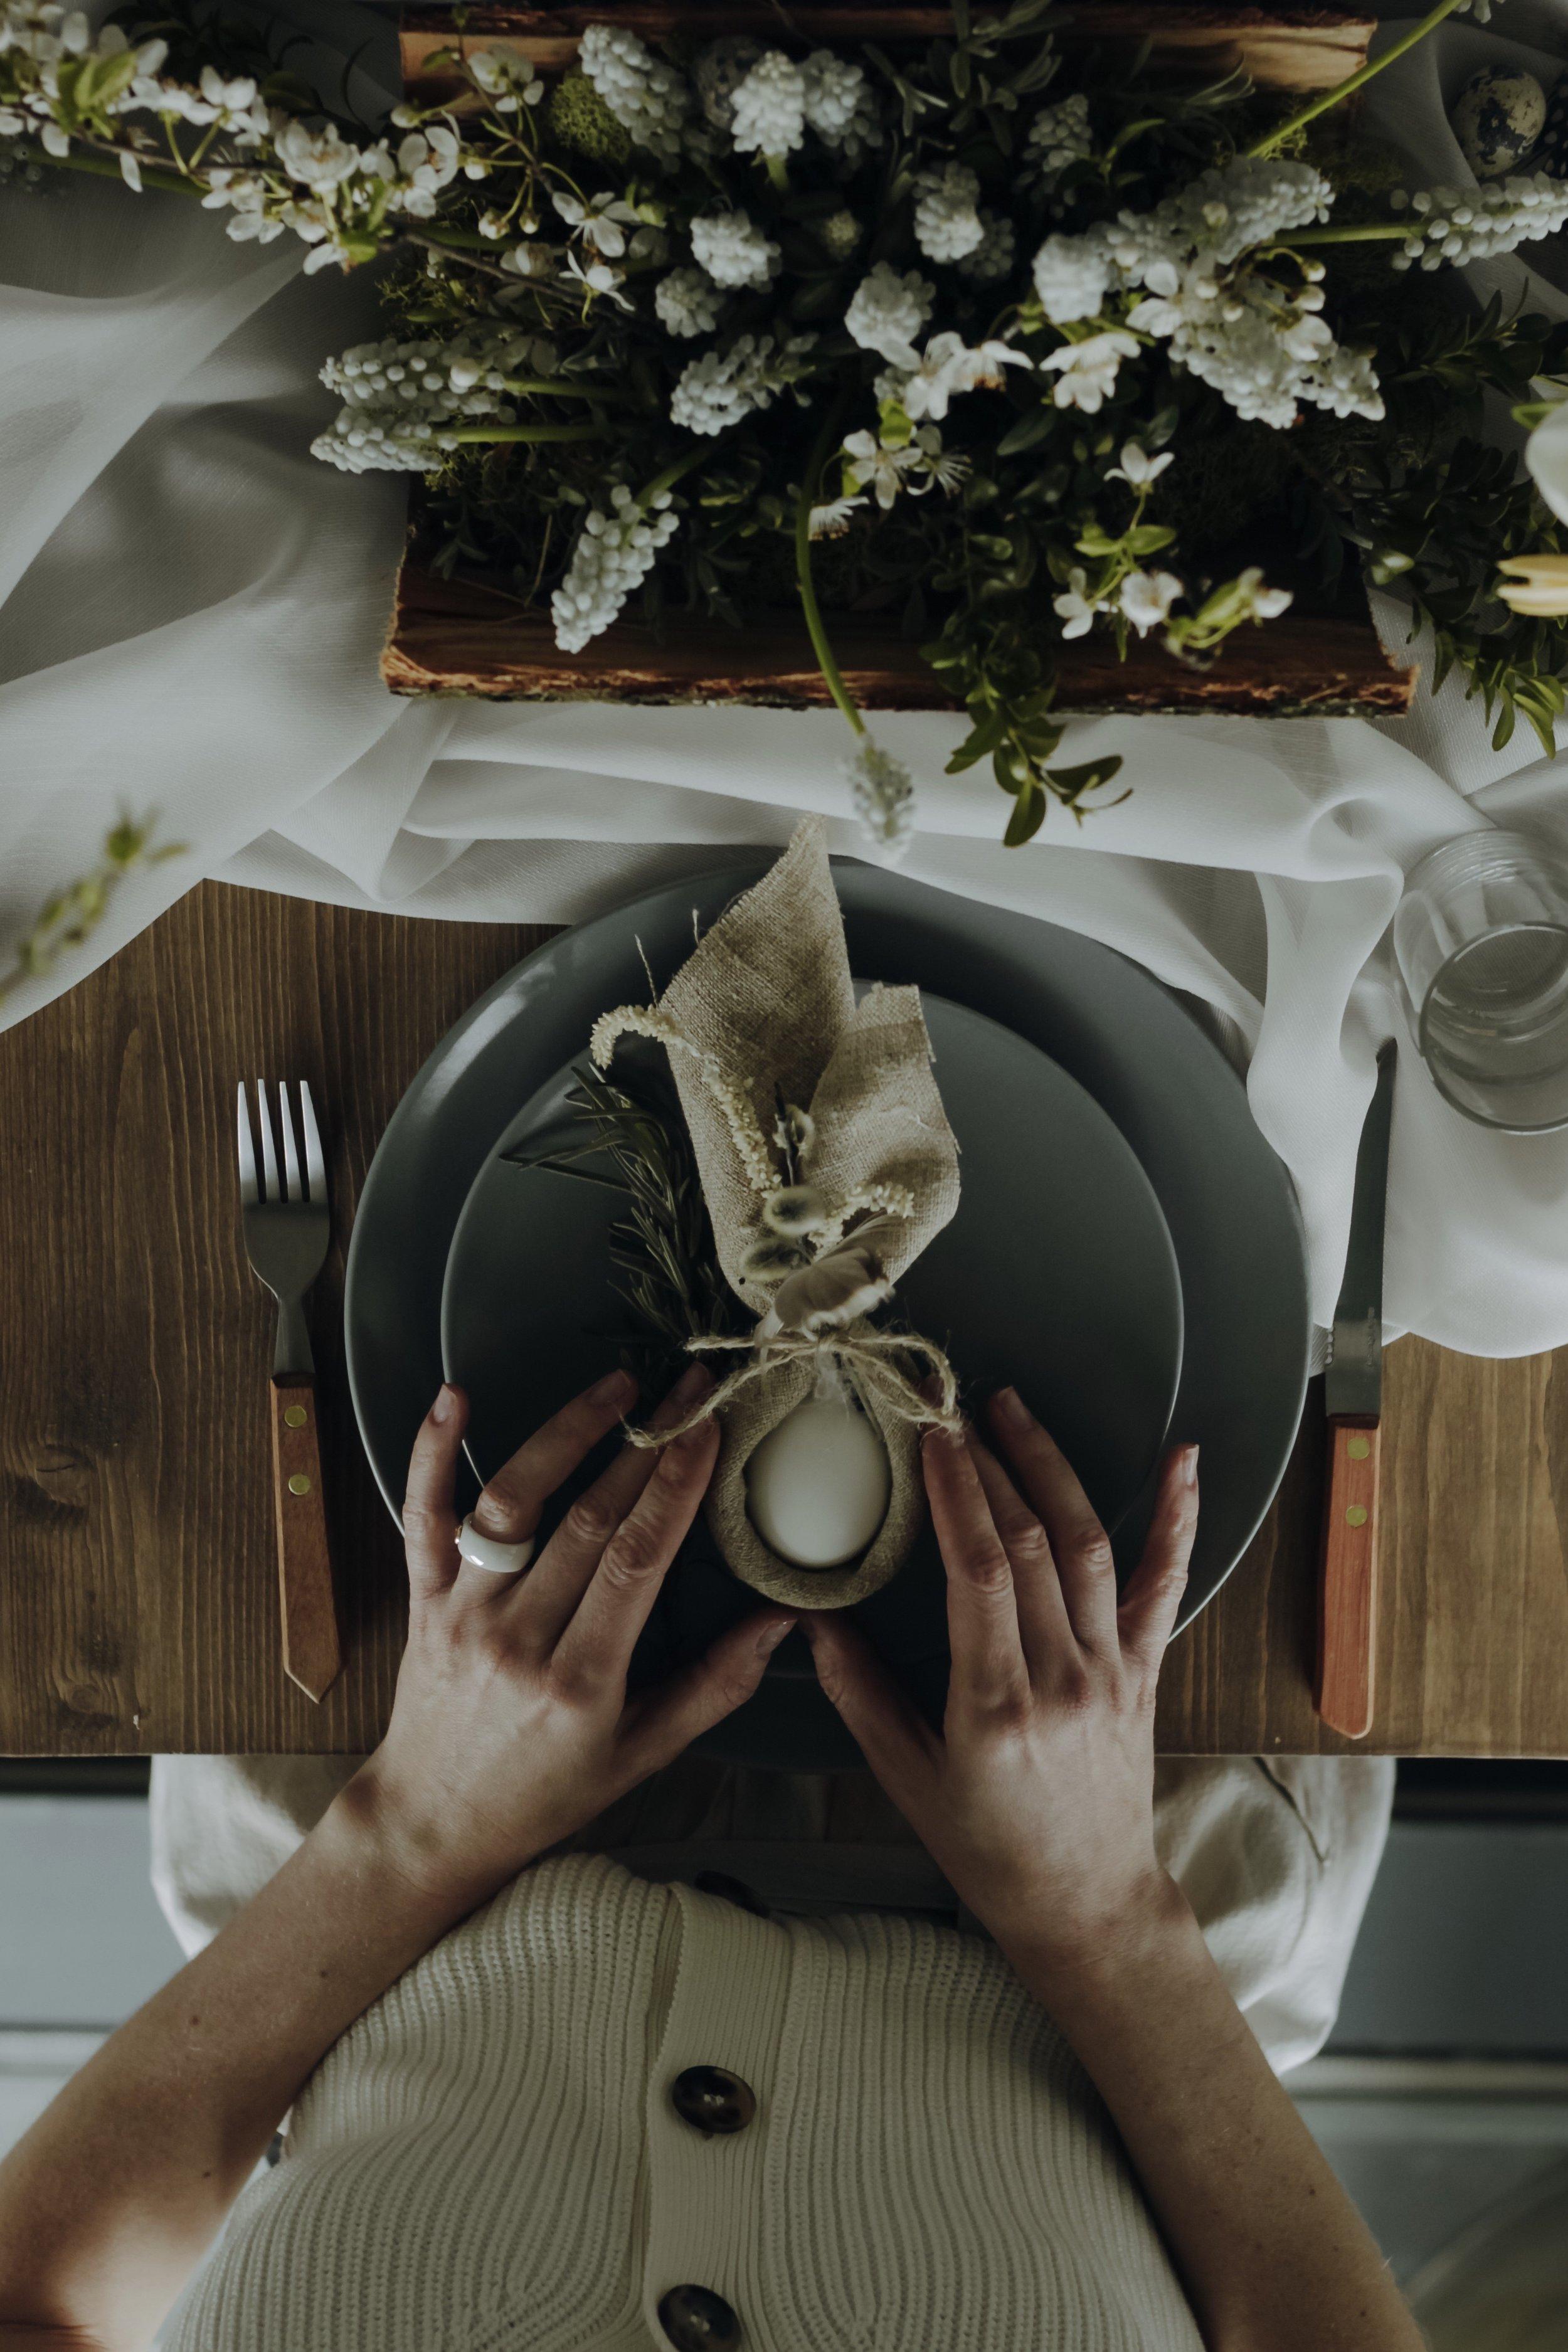 Hoppy Easter  - EXPERT |  Olya Ruf